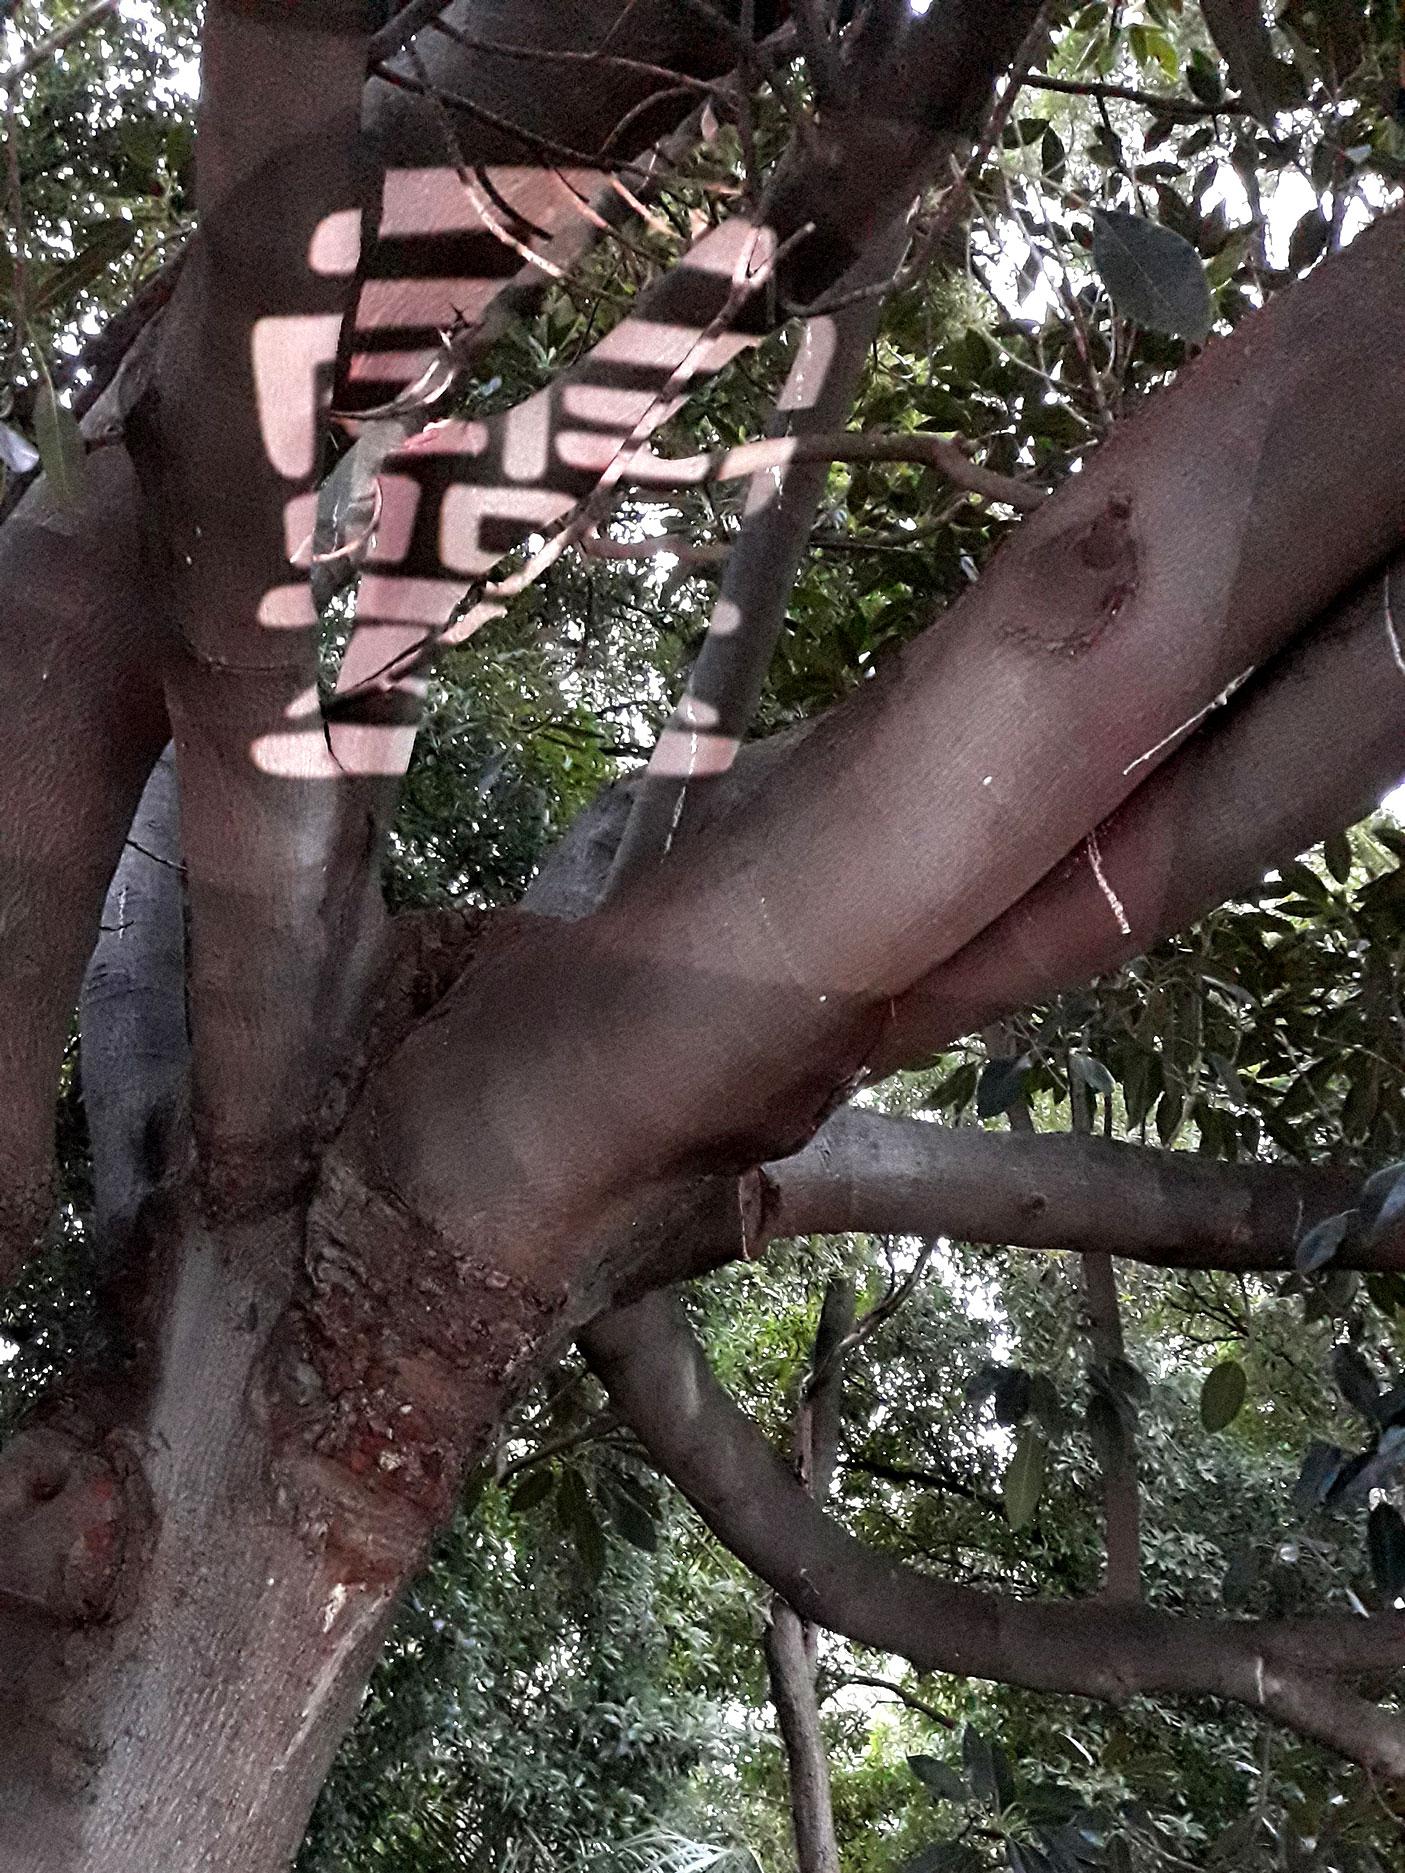 ling-in-tree.jpg